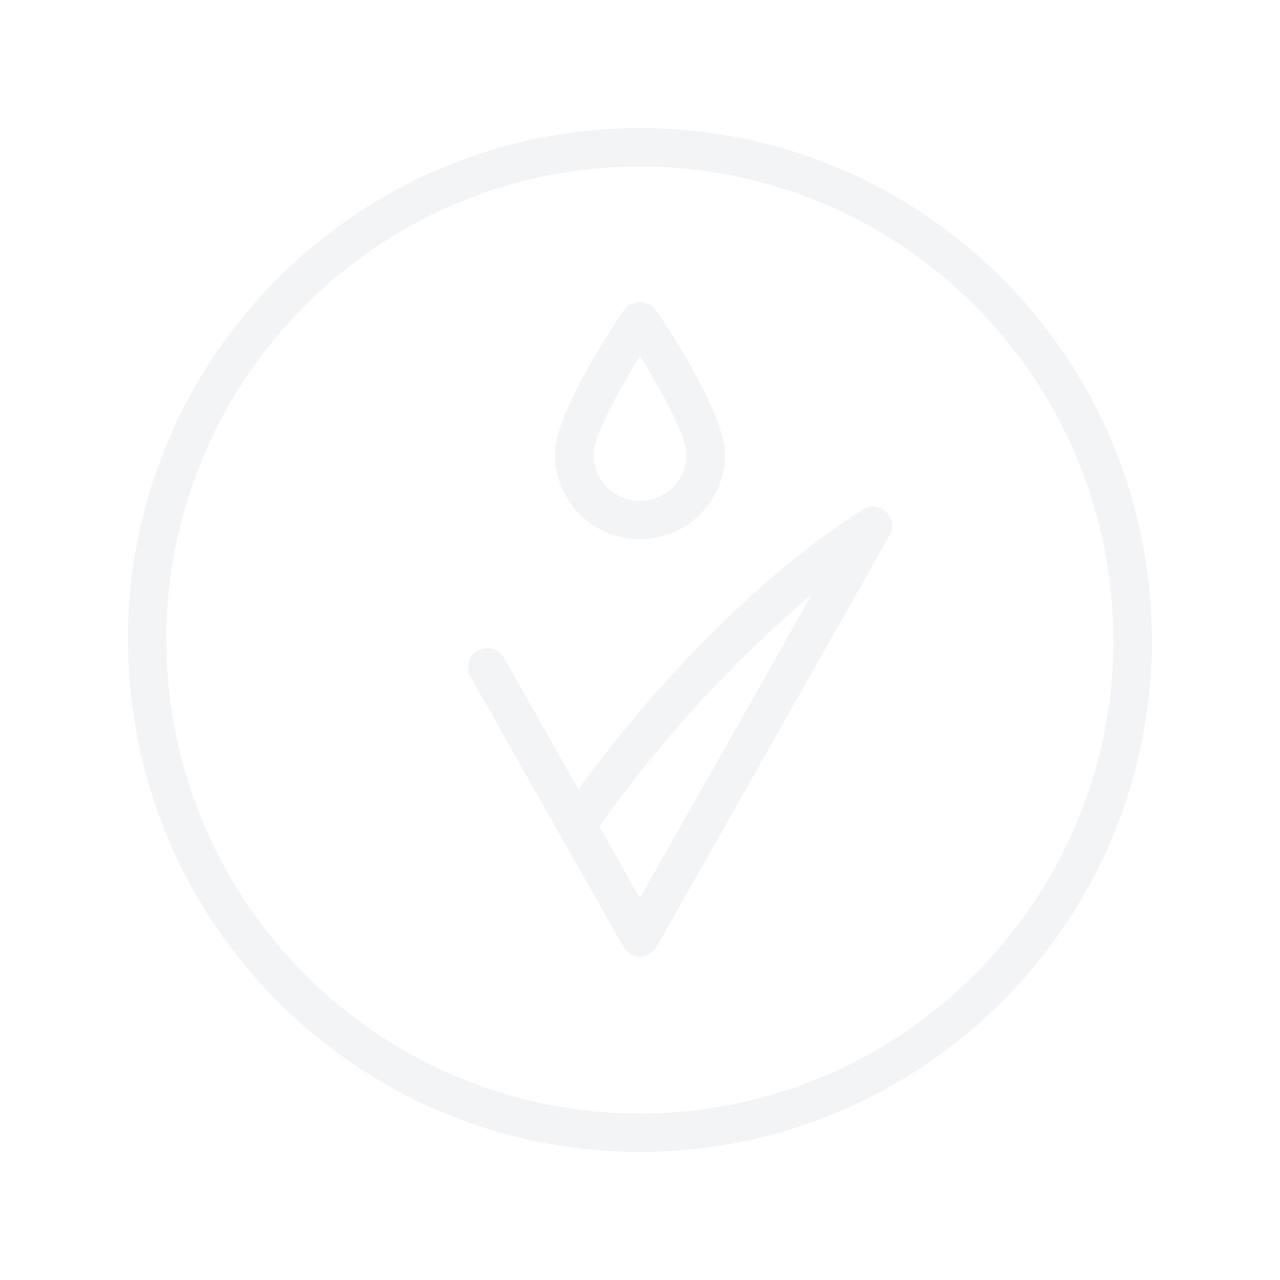 Giorgio Armani Acqua di Gio pour Homme Deodorant Spray 150ml